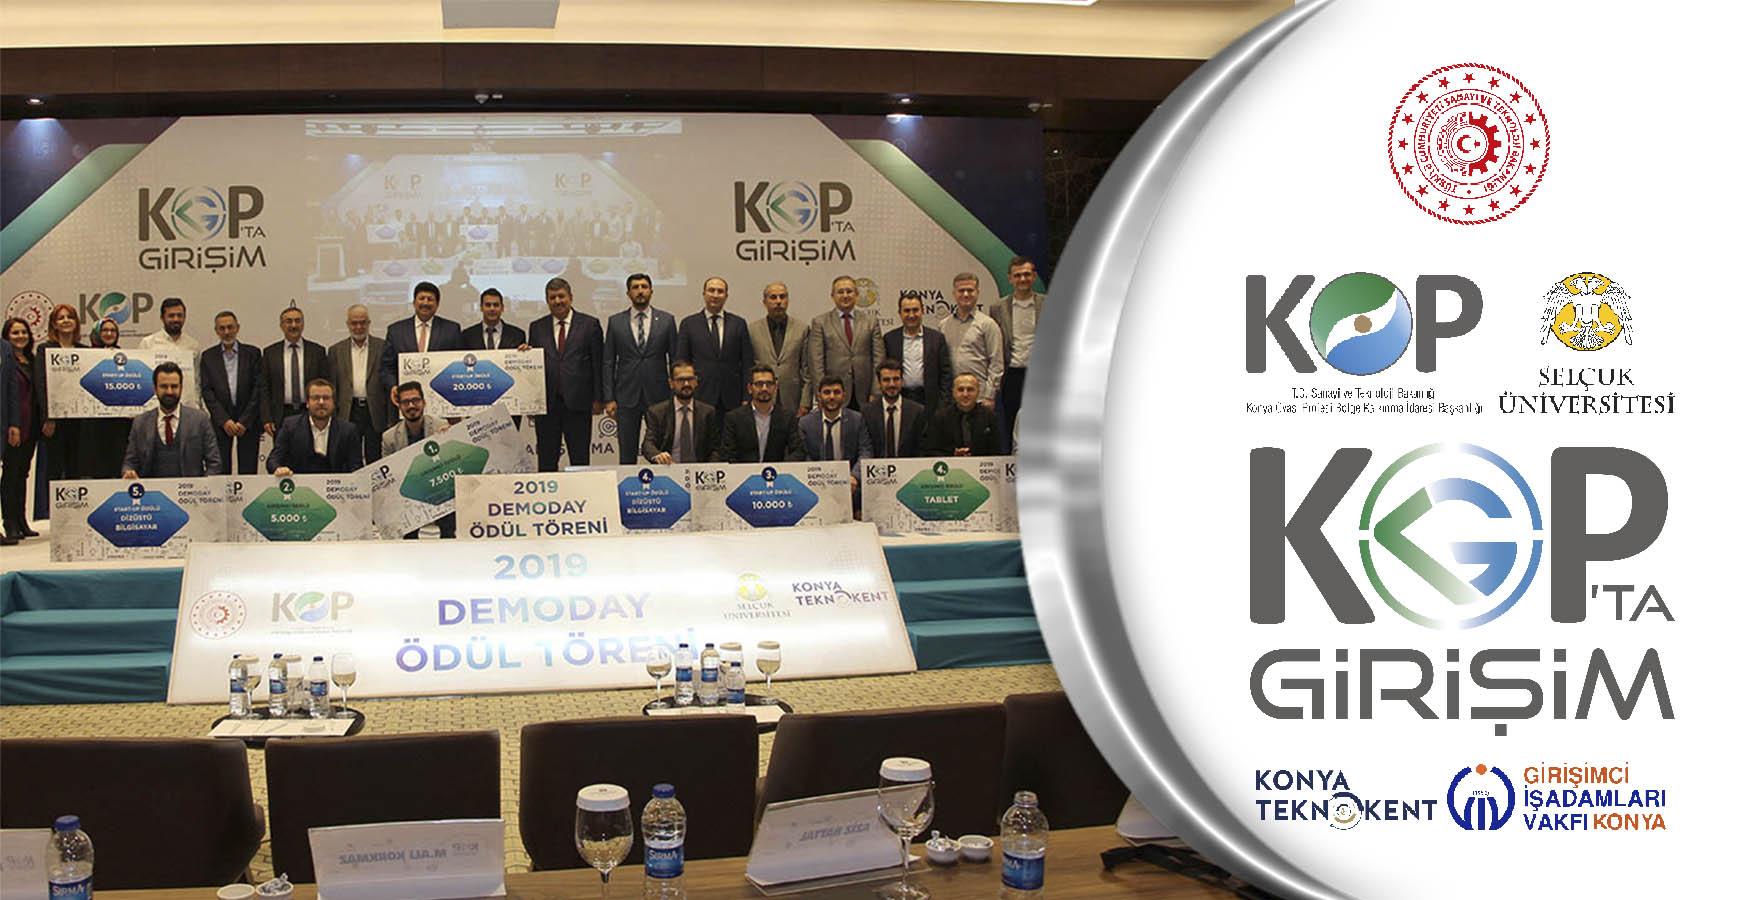 KOP'ta Girişim Projesinde Ödüller Sahiplerini Buldu